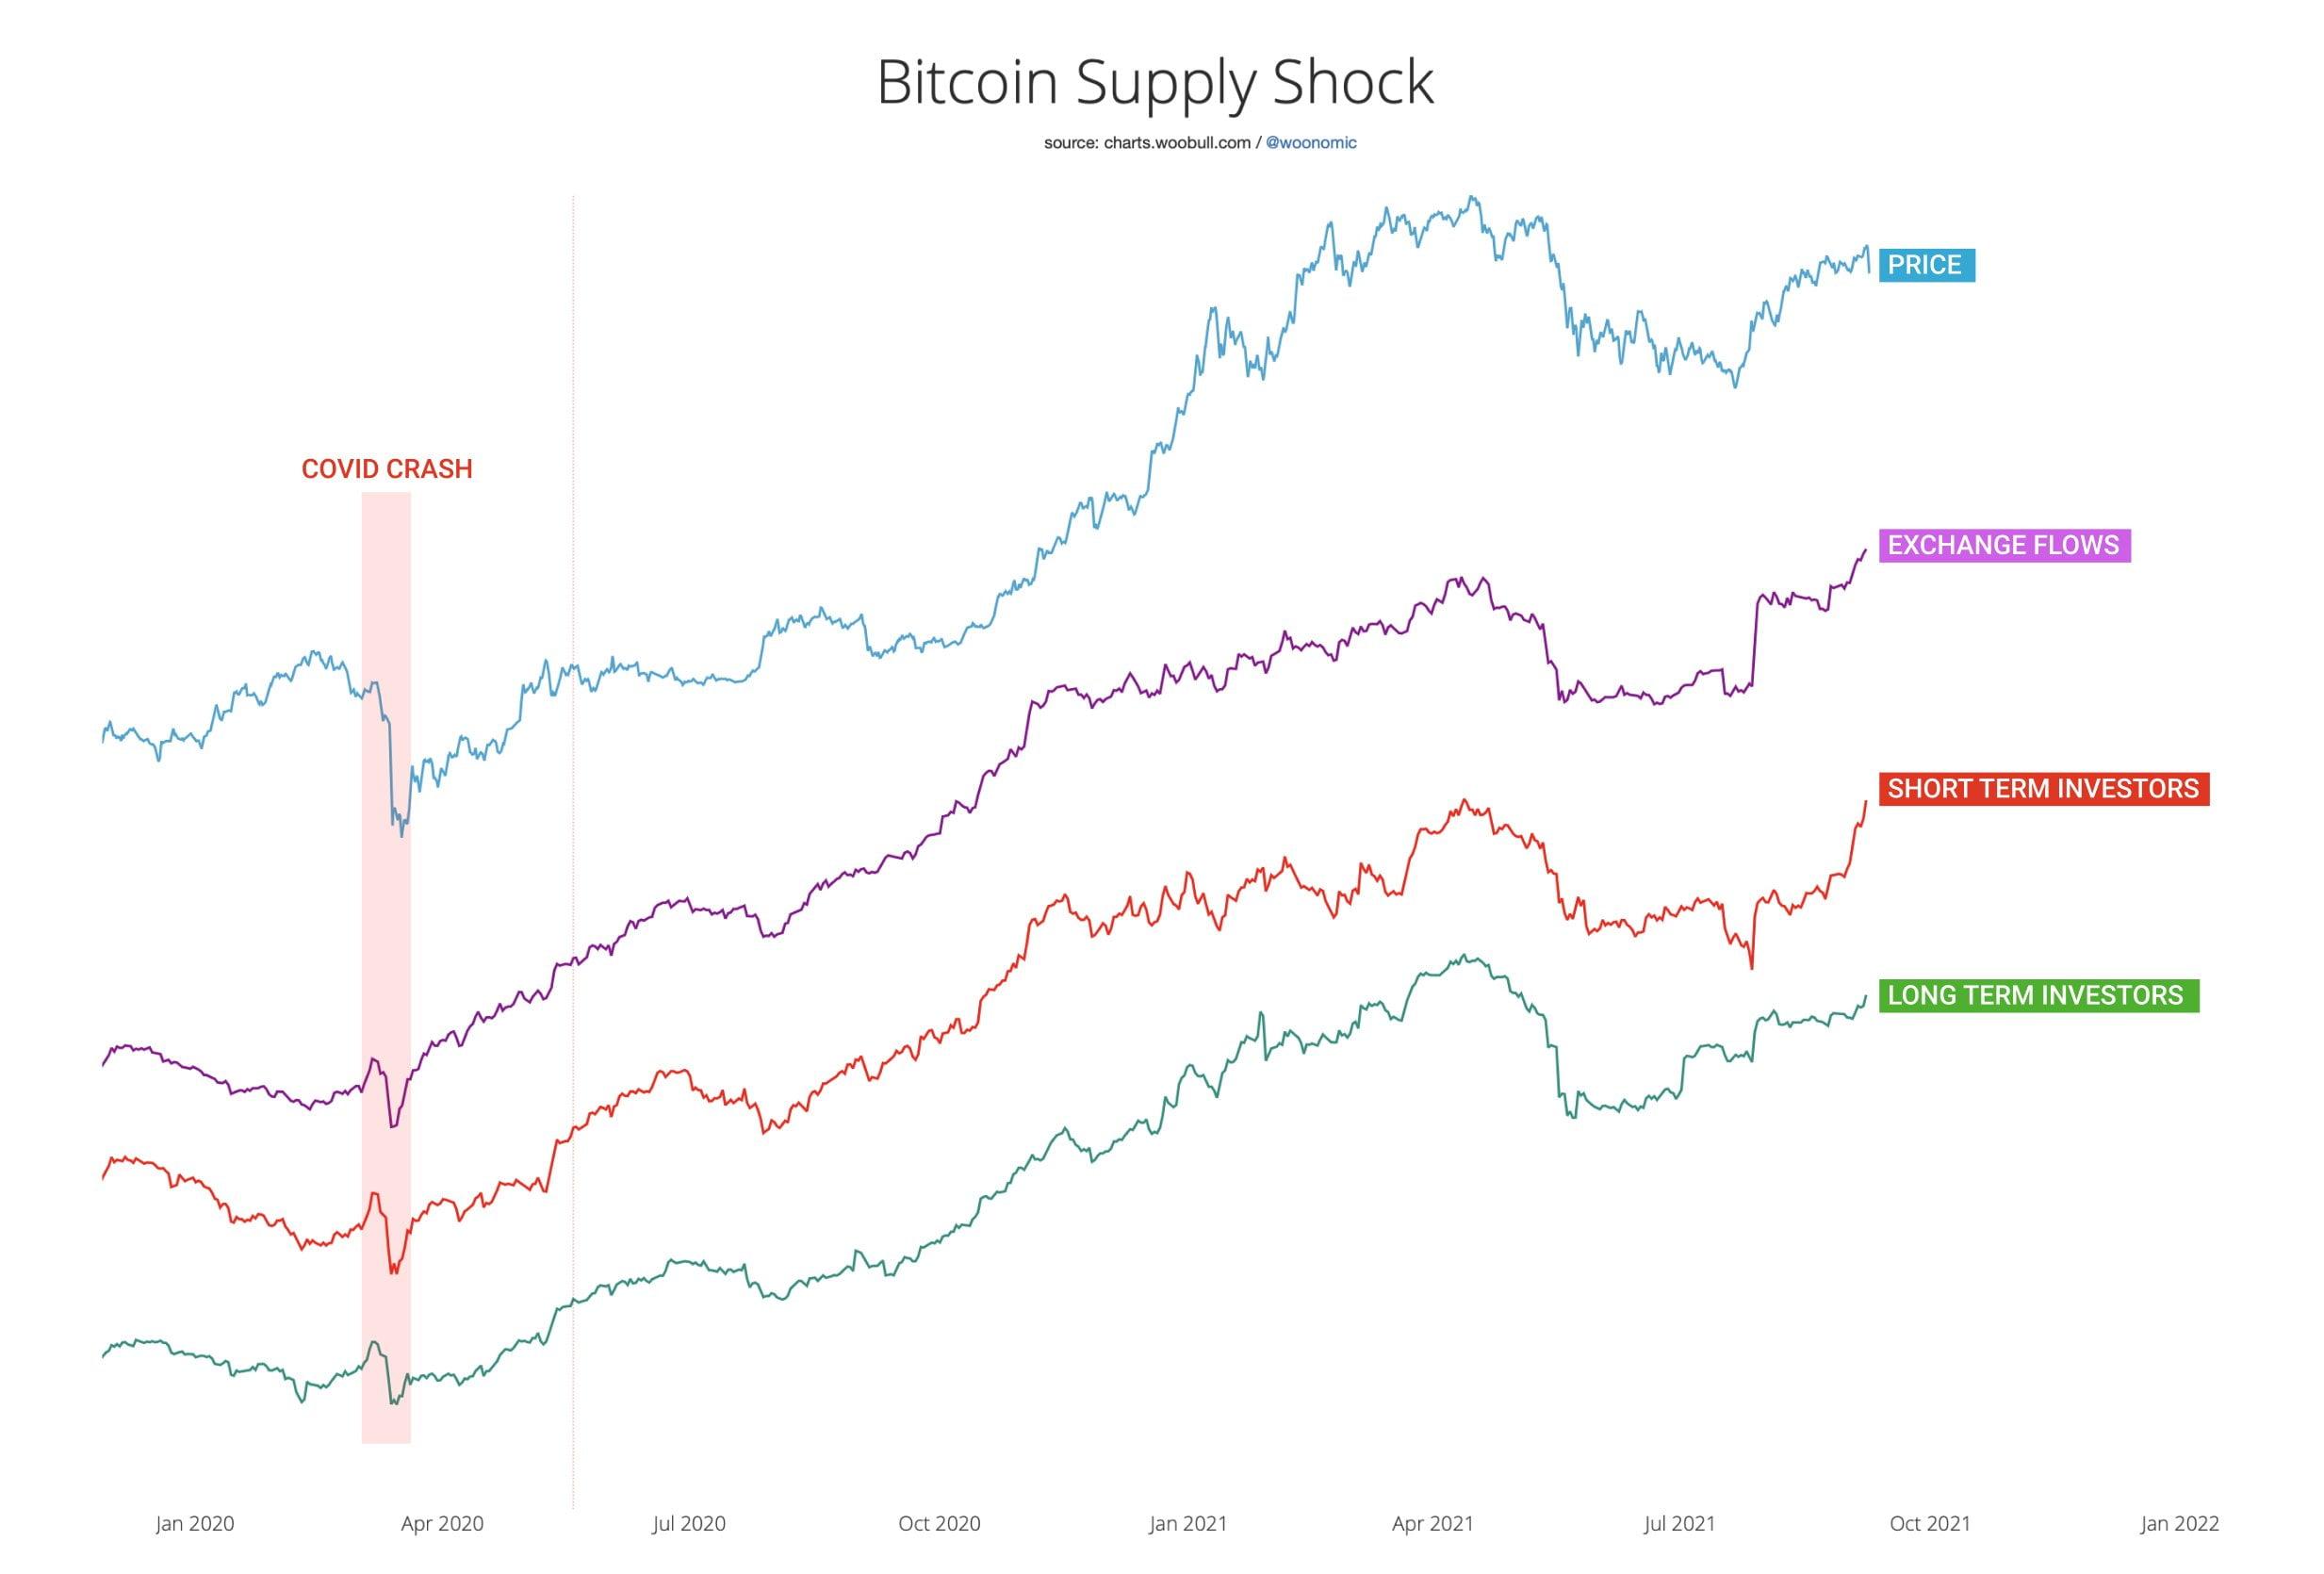 Cine a vândut? Nu HOLDerii! - Ce spun datele despre scăderea Bitcoin?